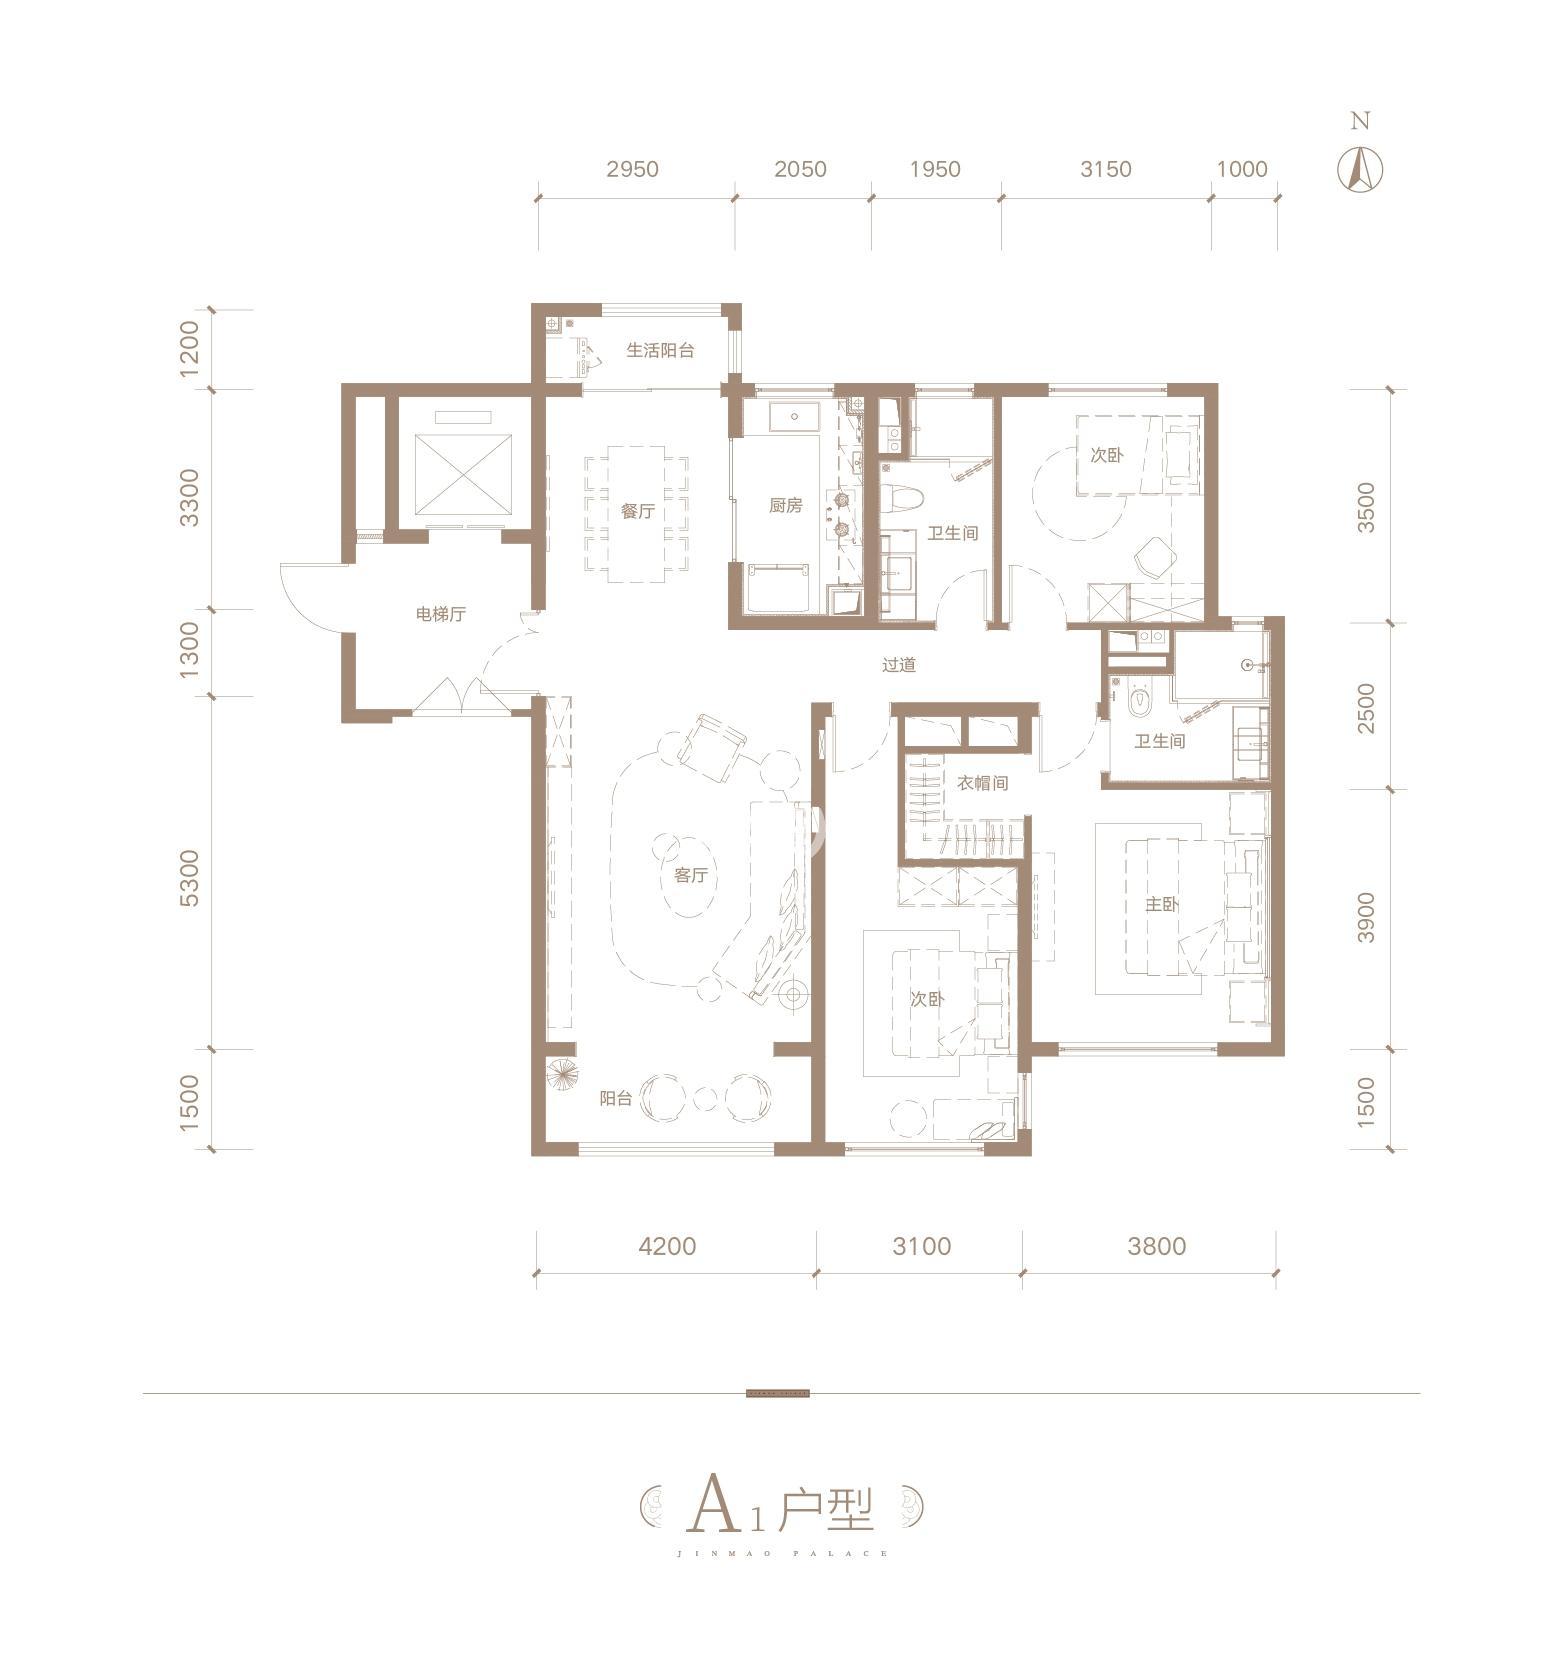 长安金茂府A1三室两厅146㎡户型图